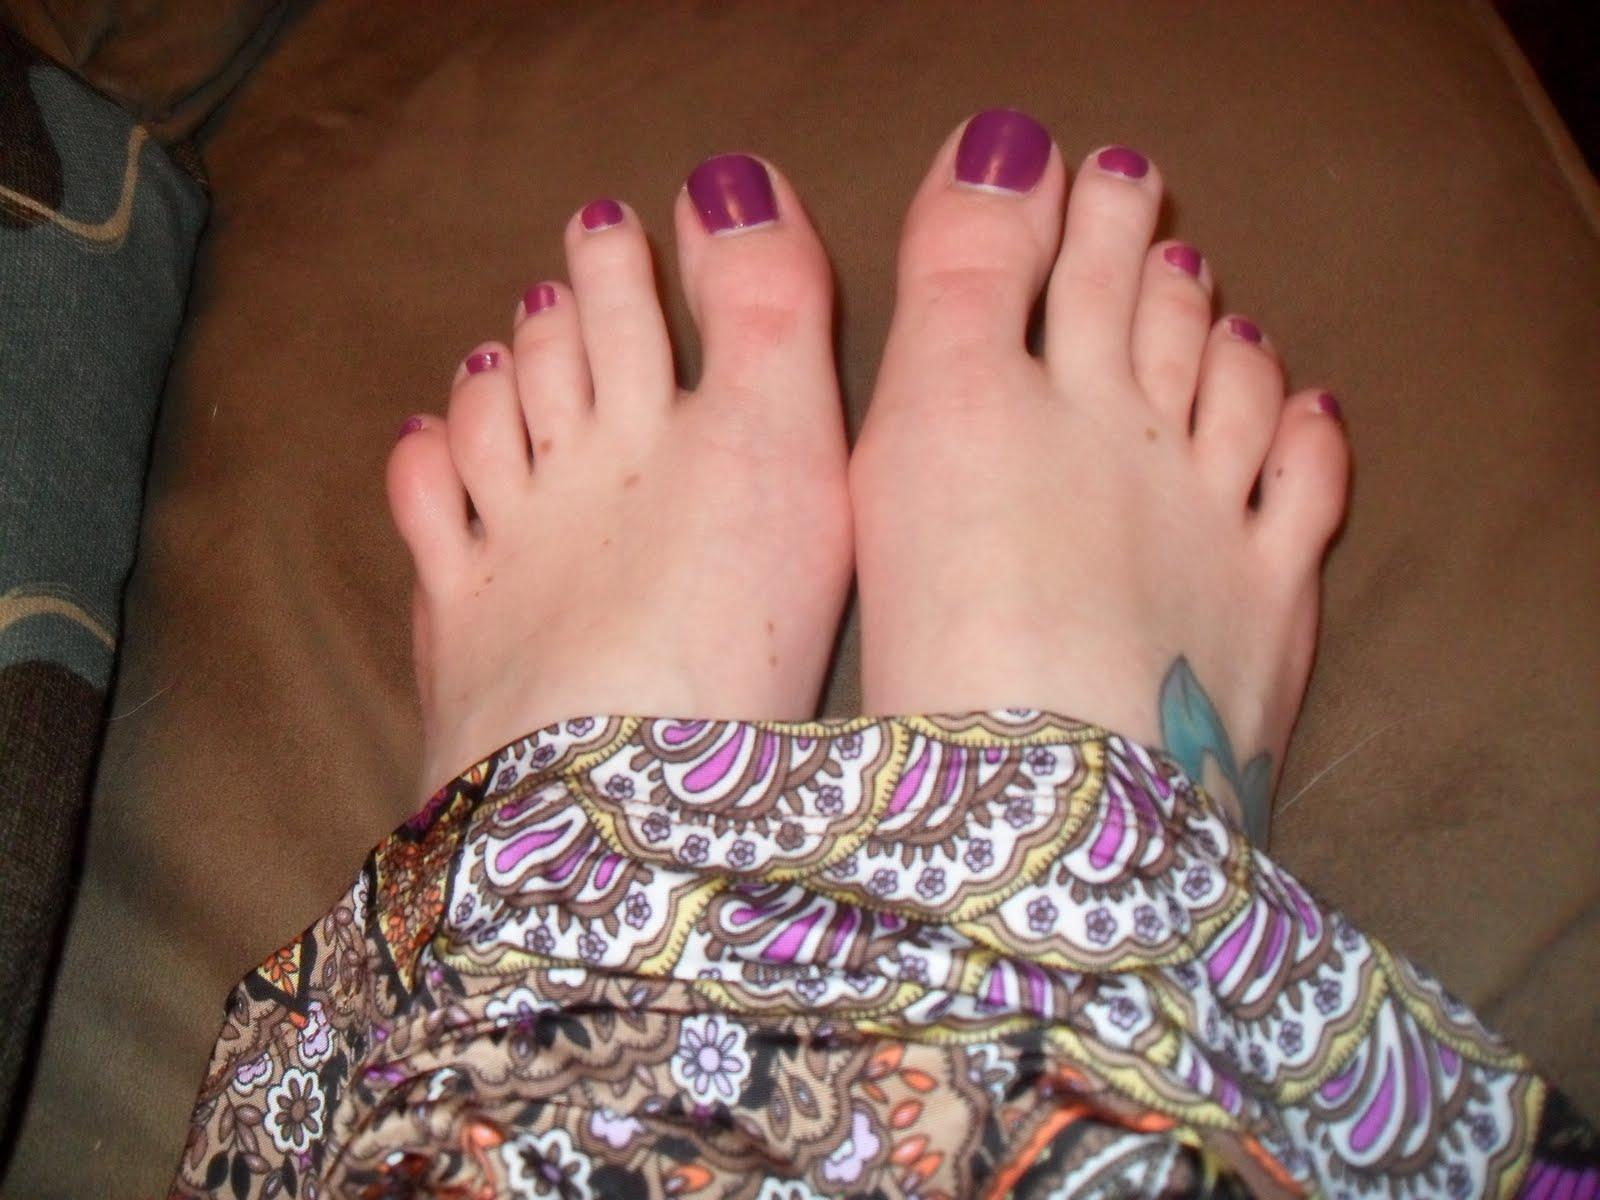 http://3.bp.blogspot.com/_qOSQGpoCPPU/S90JA7d4IaI/AAAAAAAABX4/LhLsTiQENTI/s1600/Purple+002.JPG